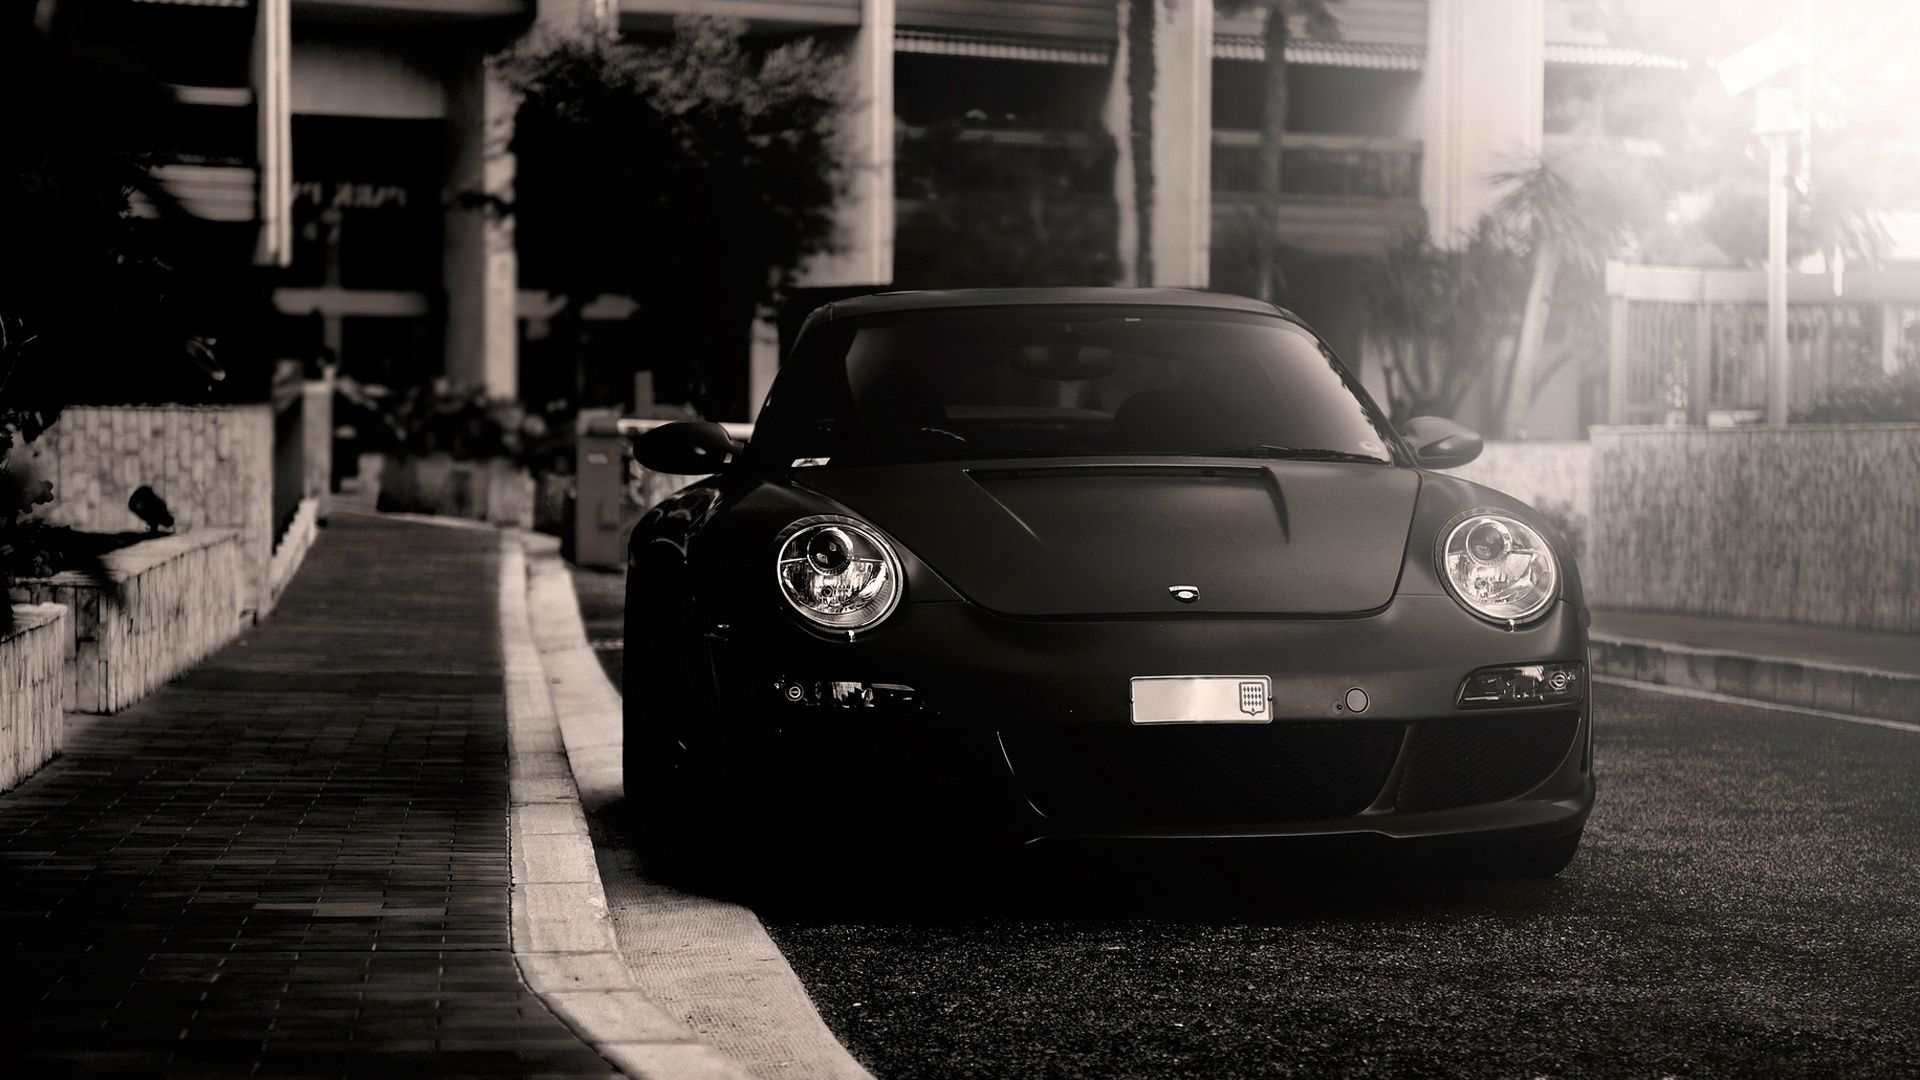 Porsche greyscale